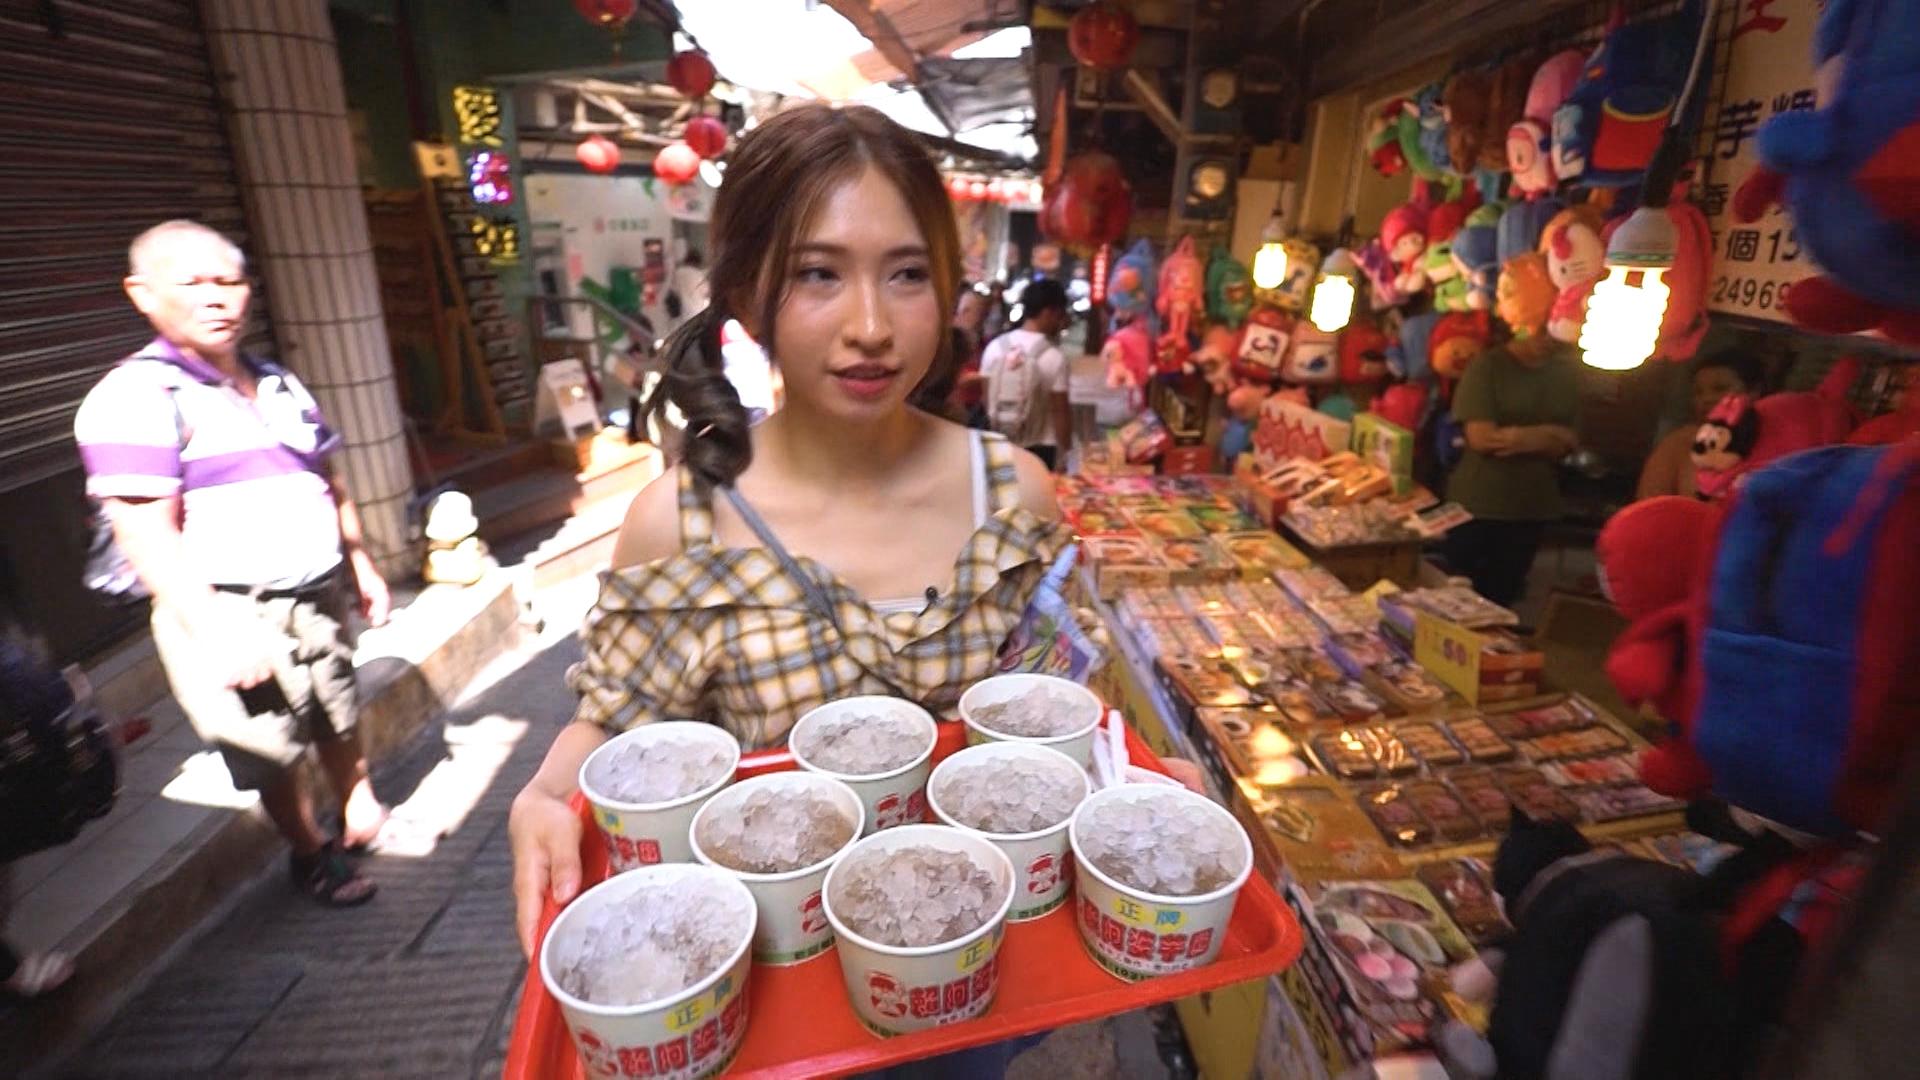 蔡寶欣幫手買甜品,但聽到攝製隊嗌「3、2、1」後郁都唔郁,因而被兩位前輩揶揄。